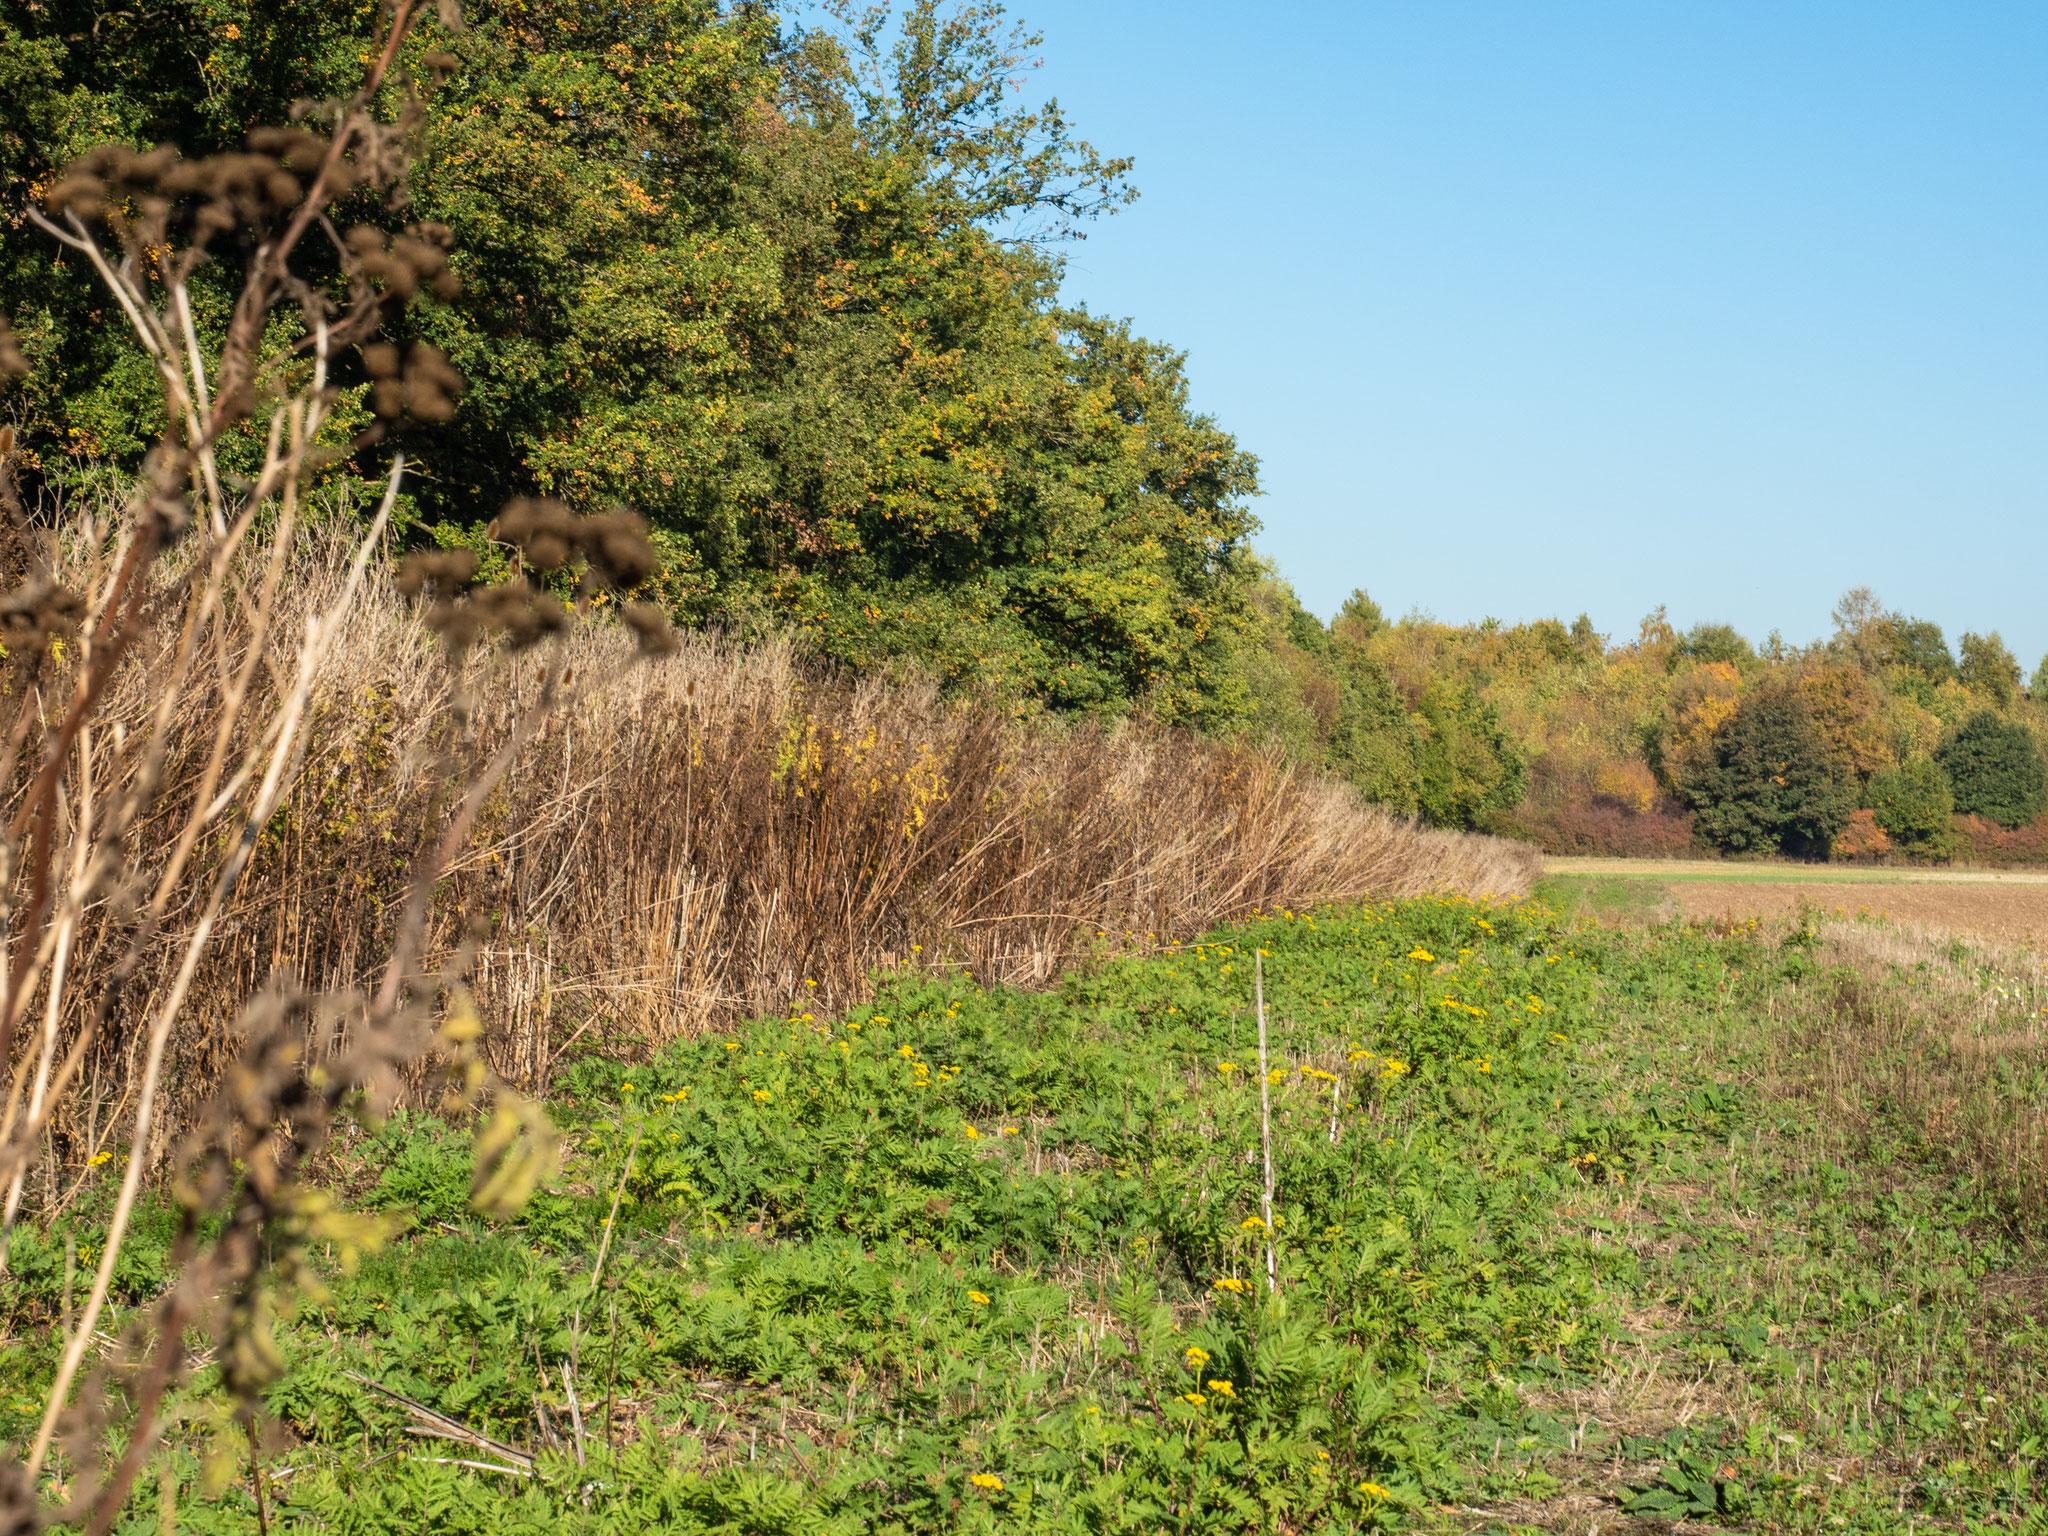 Blühstreifen mit unterschiedlichem Bewuchs am Waldrand